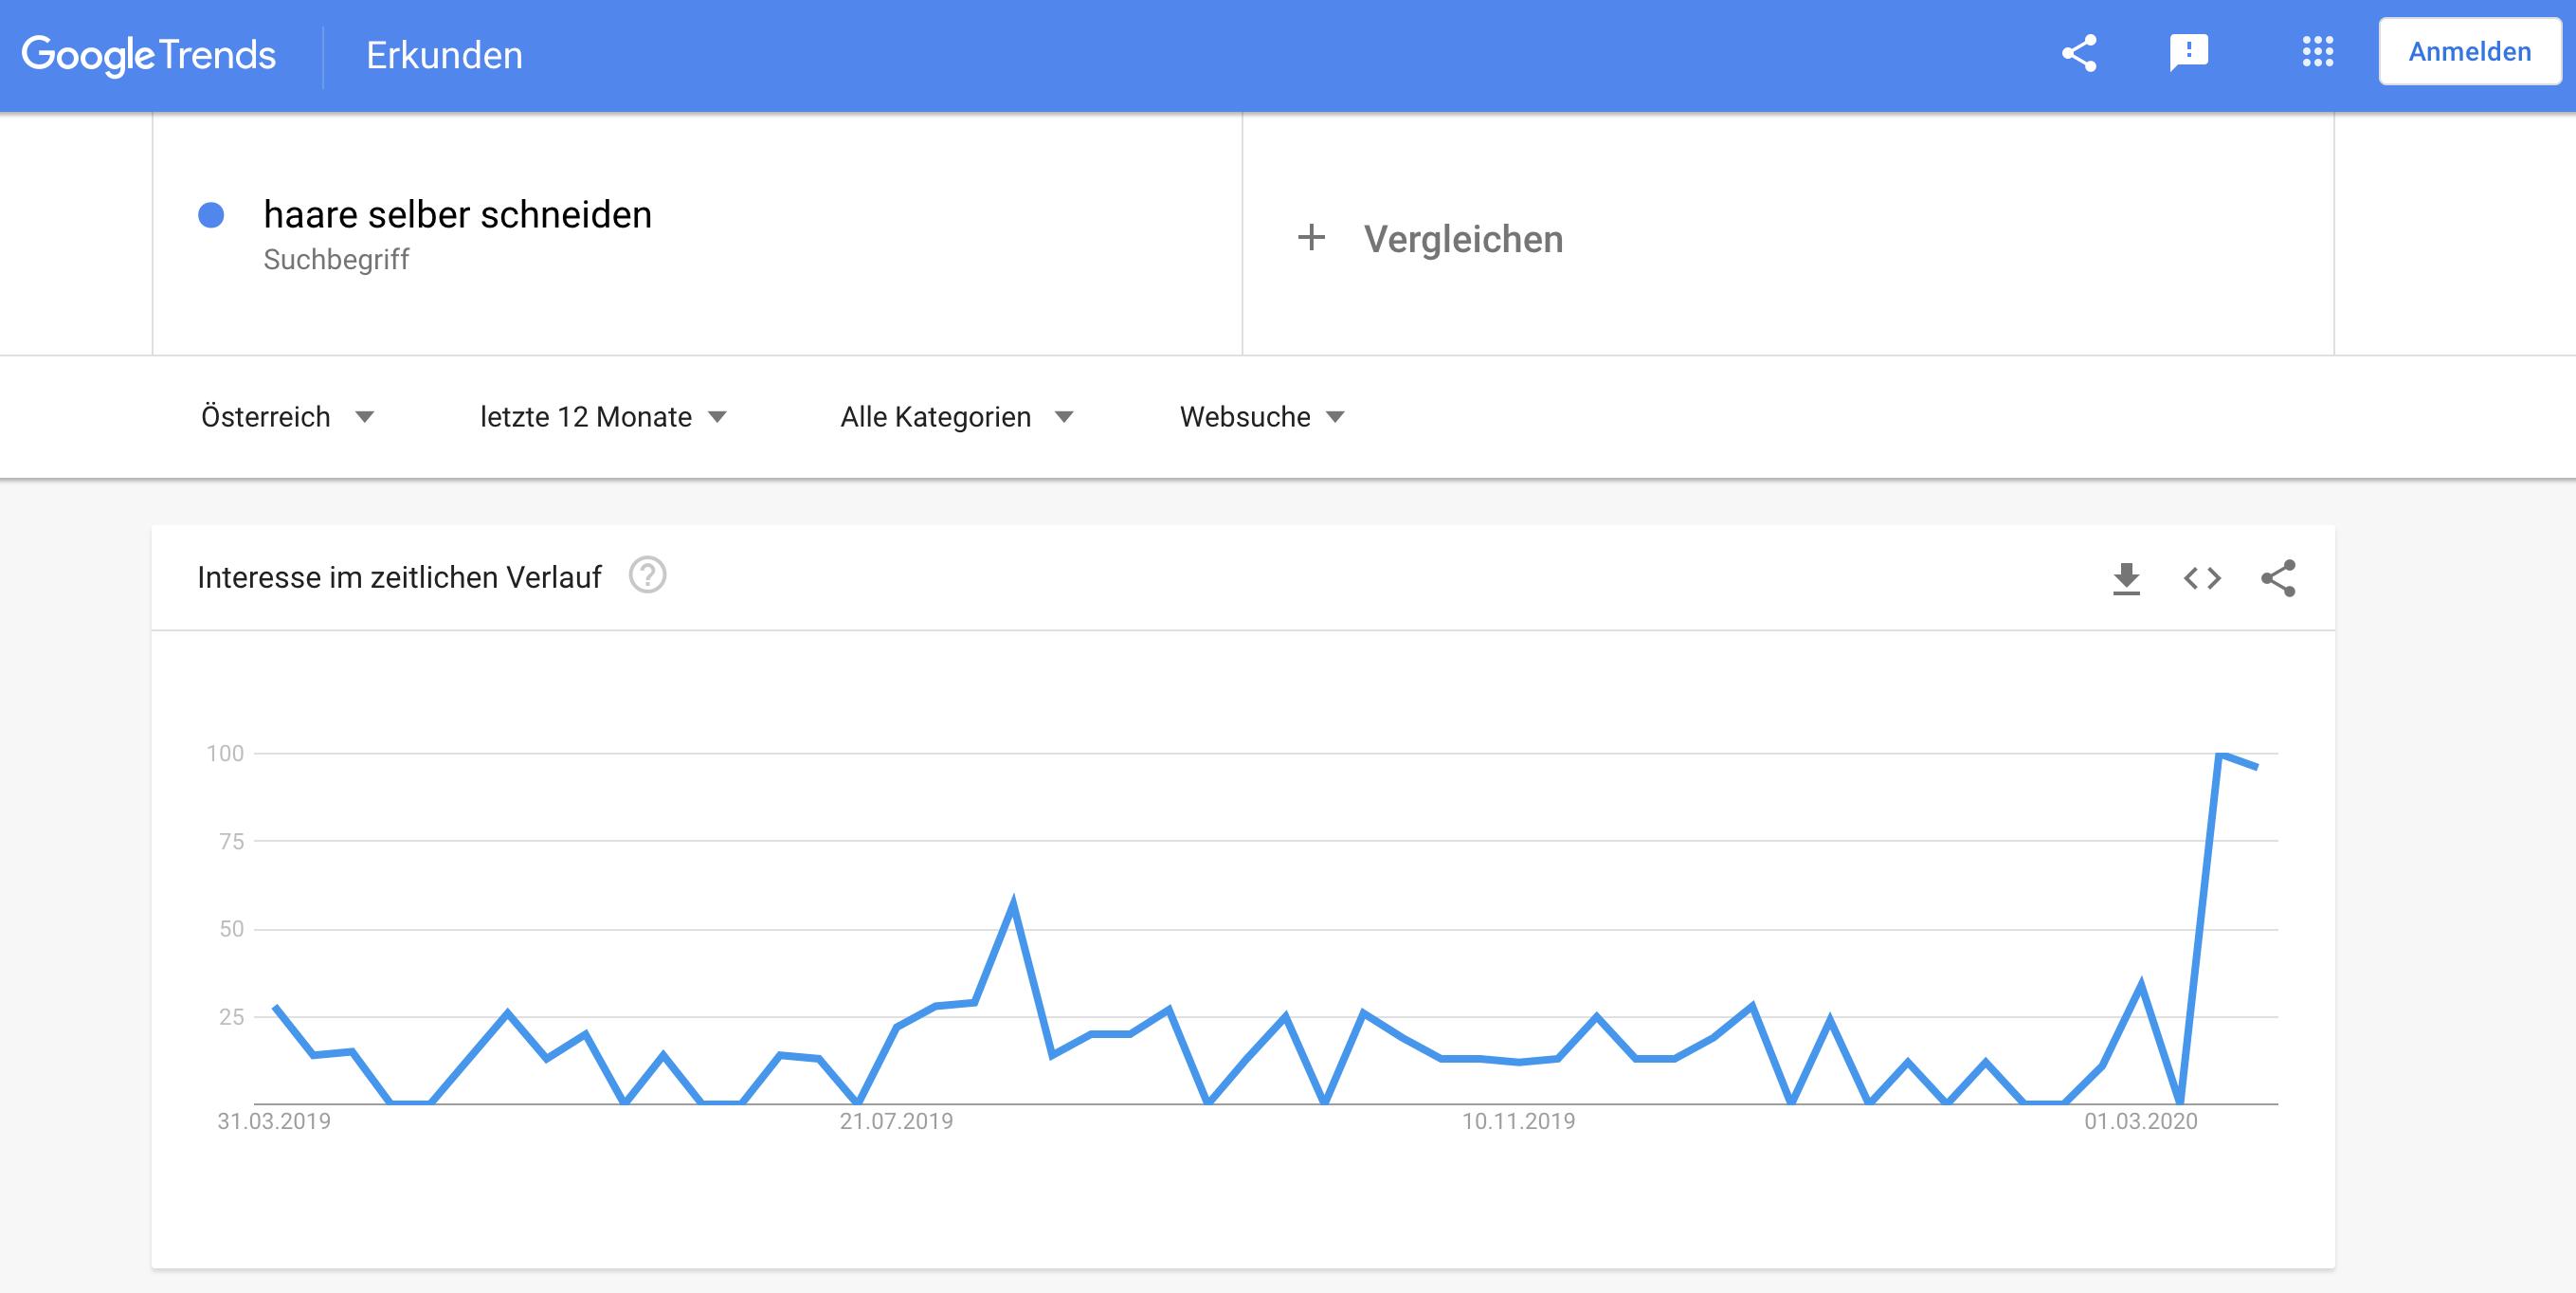 Haare Selber Schneiden Google Trends